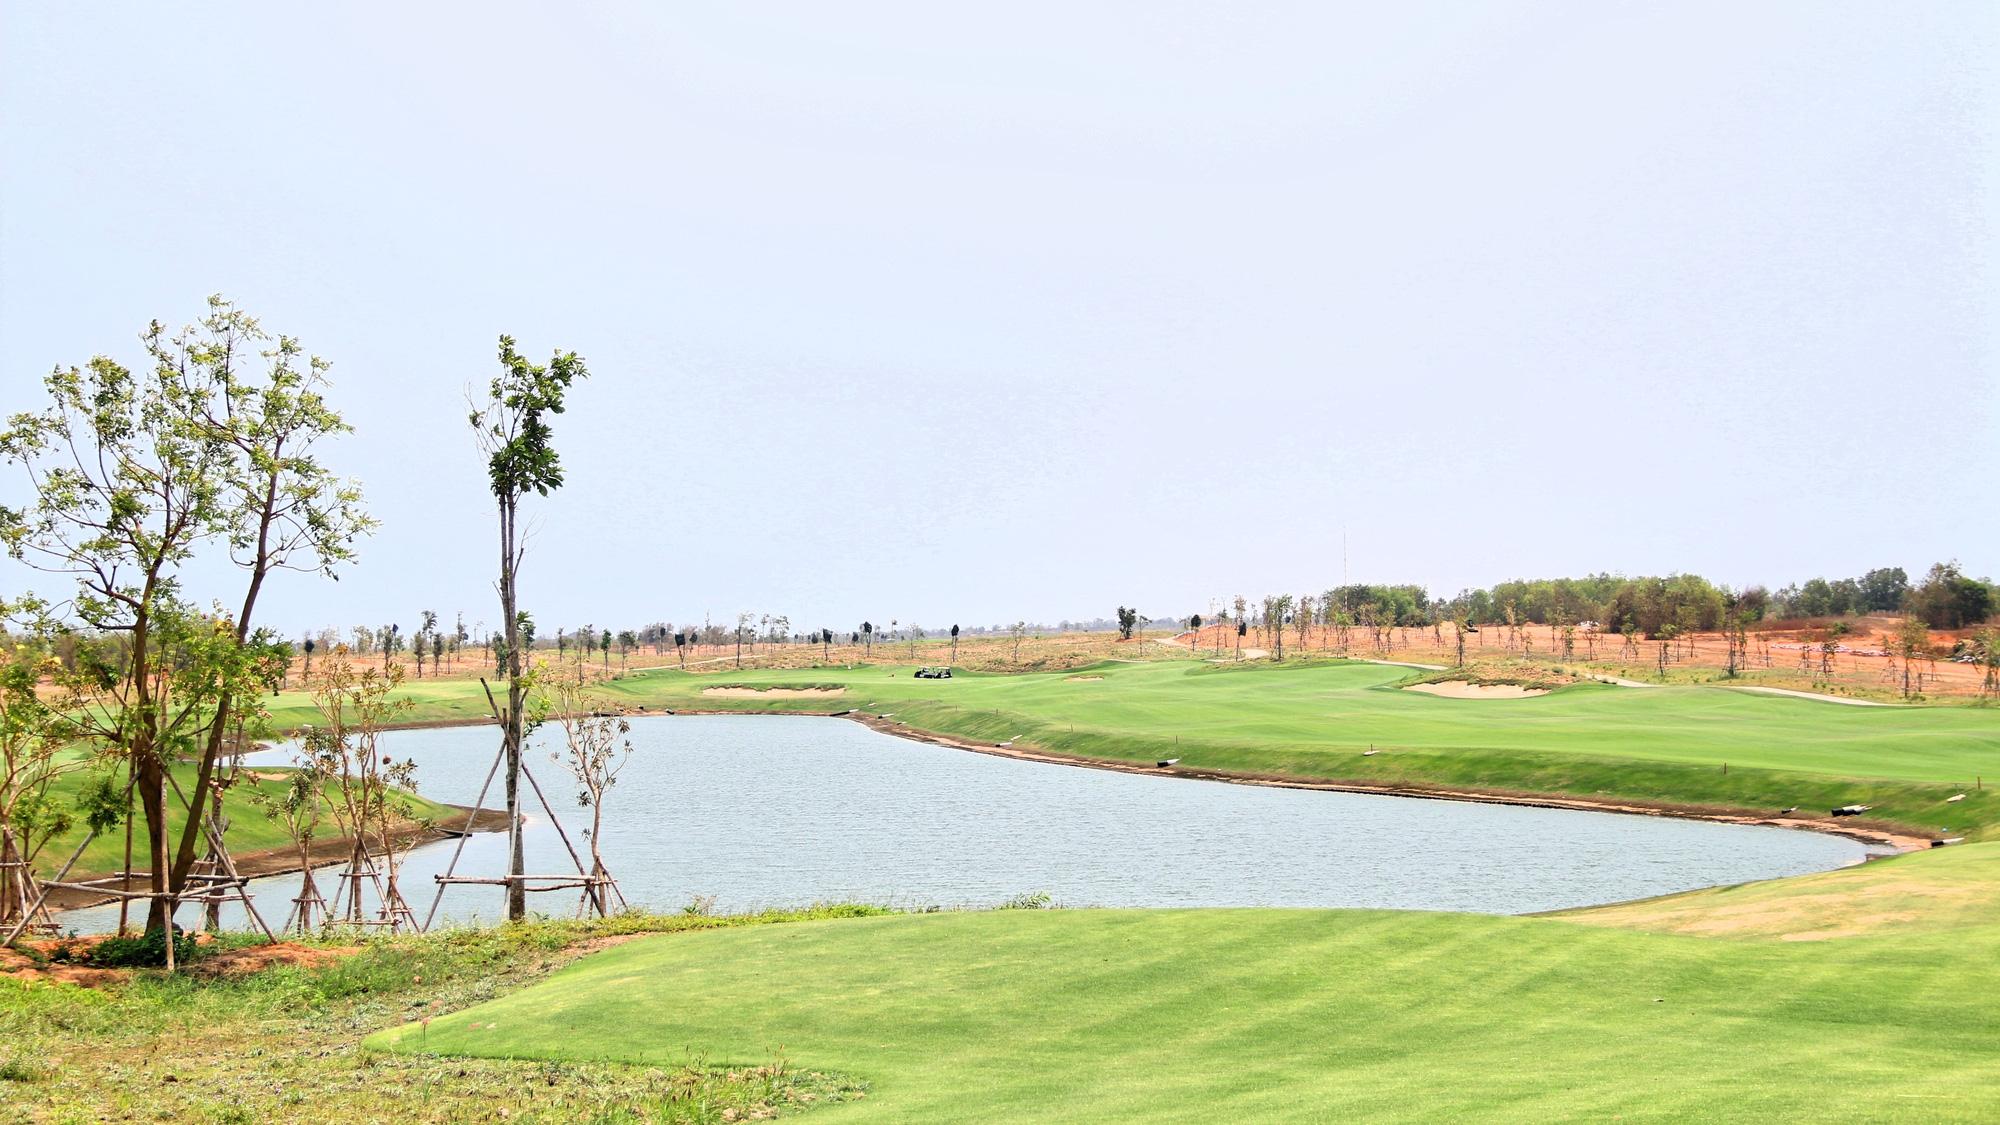 Thái Bình sẽ có sân golf Long Hưng 82 ha, dự kiến hoàn thành quý II/2022 - Ảnh 1.